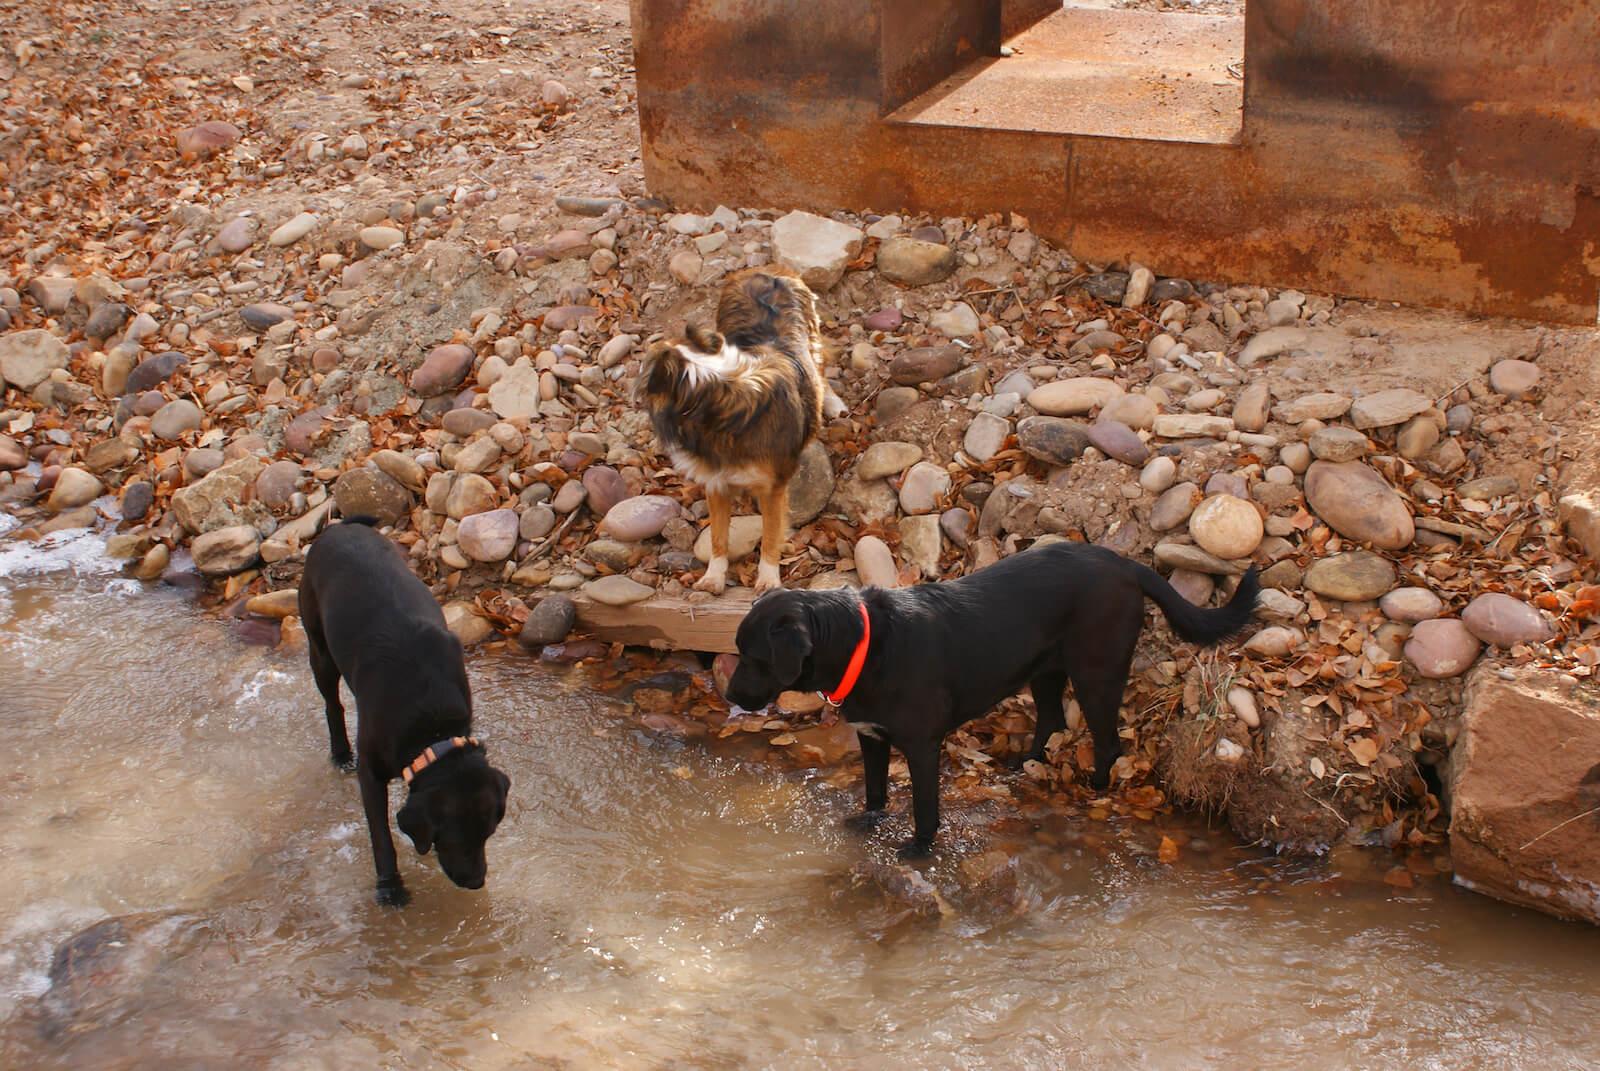 Ranch Dogs Near Water Channel